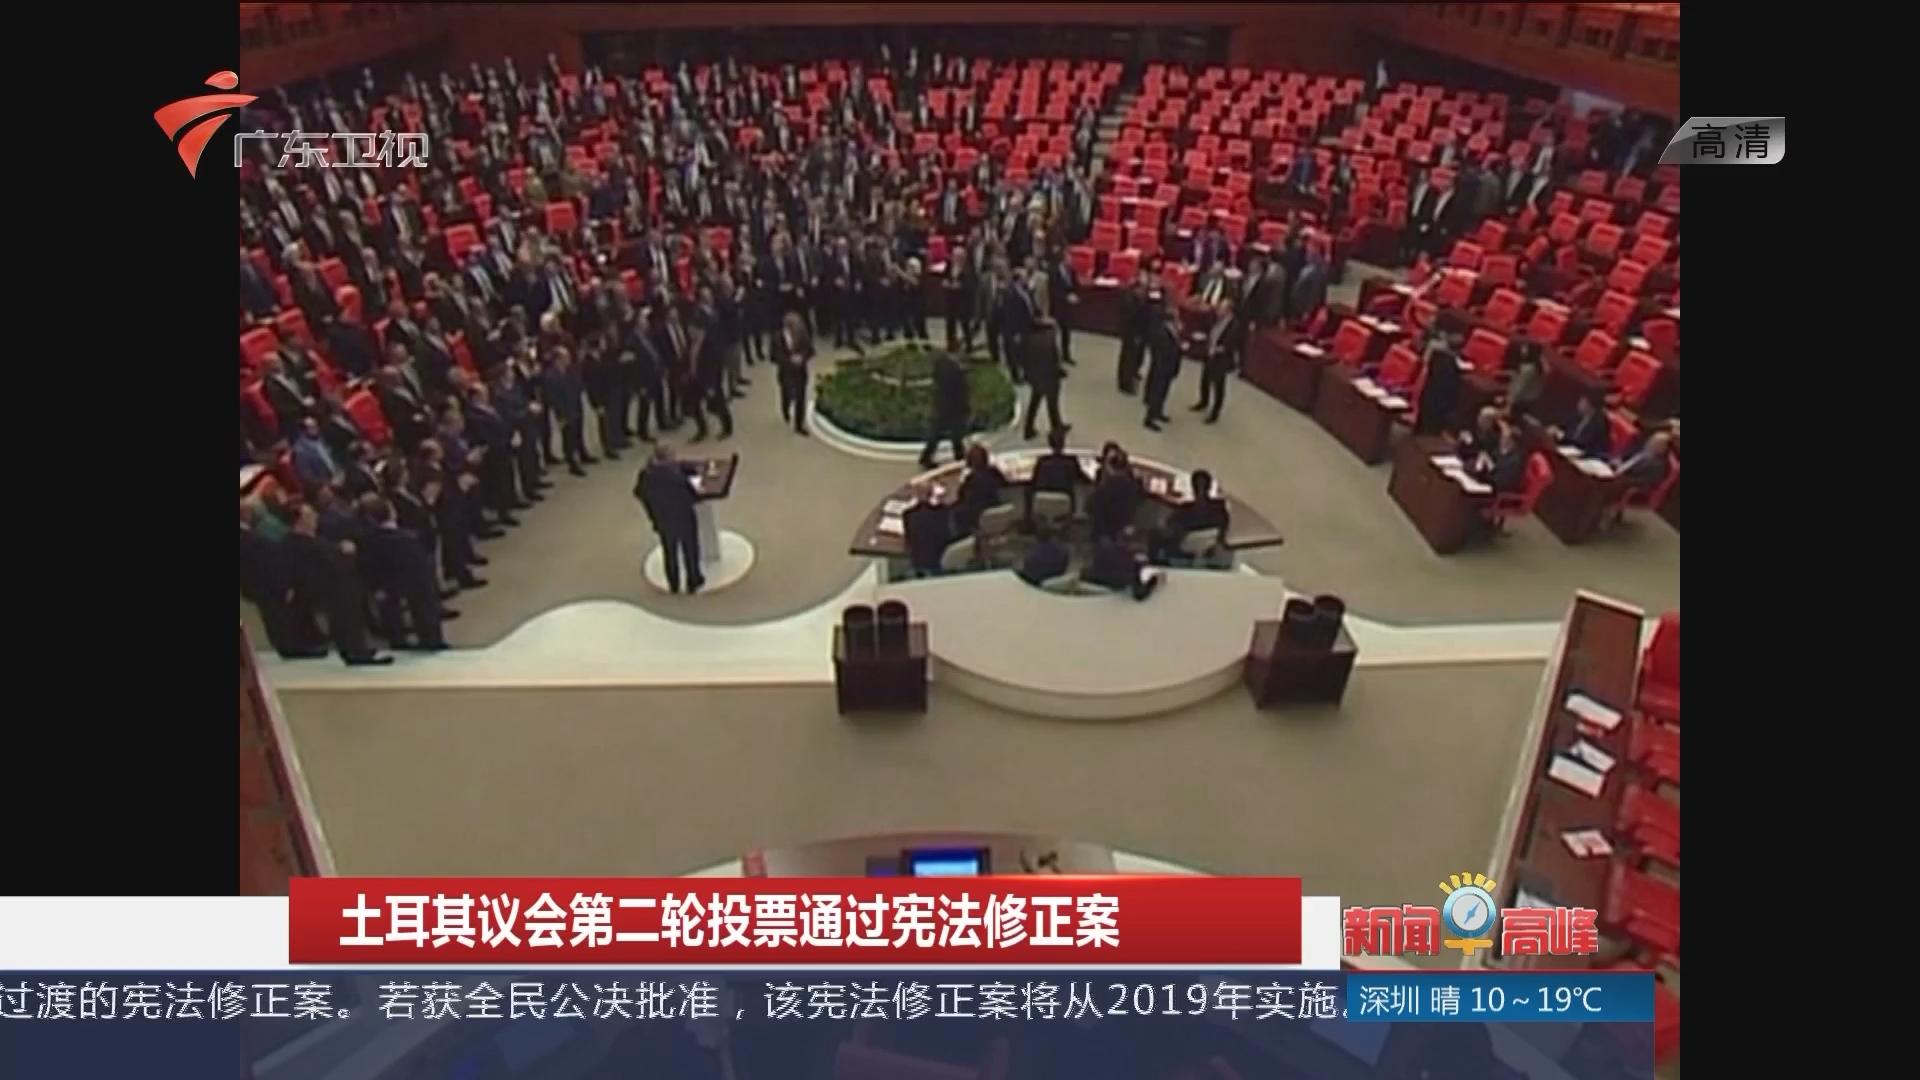 土耳其议会第二轮投票通过宪法修正案